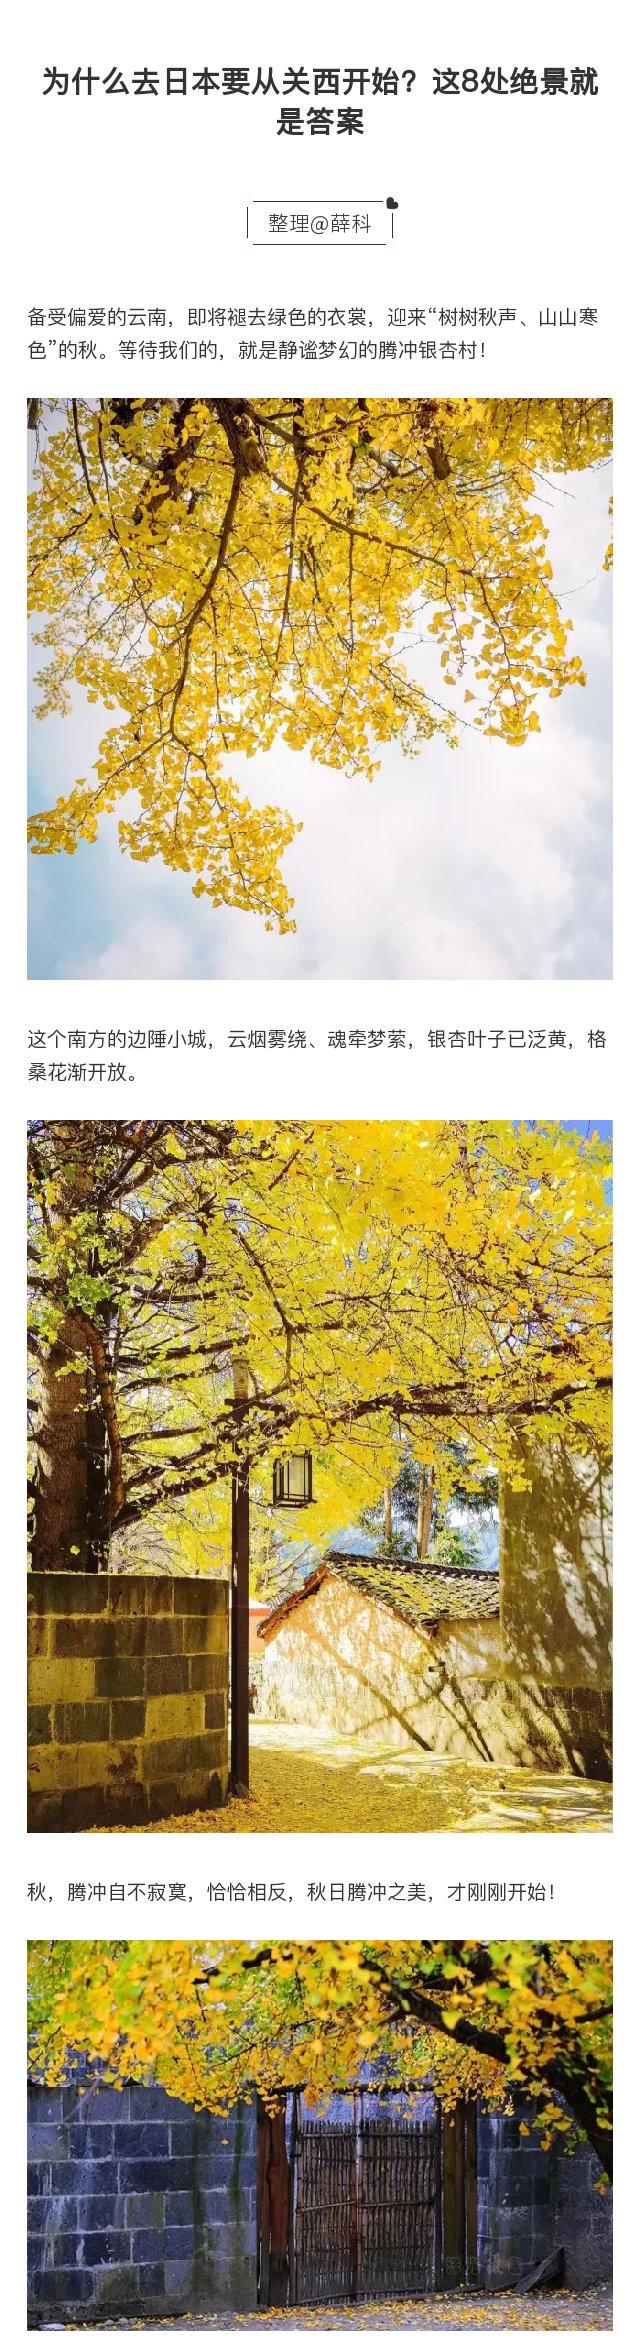 忘记大理丽江吧!这才是云南最值得去的地方。